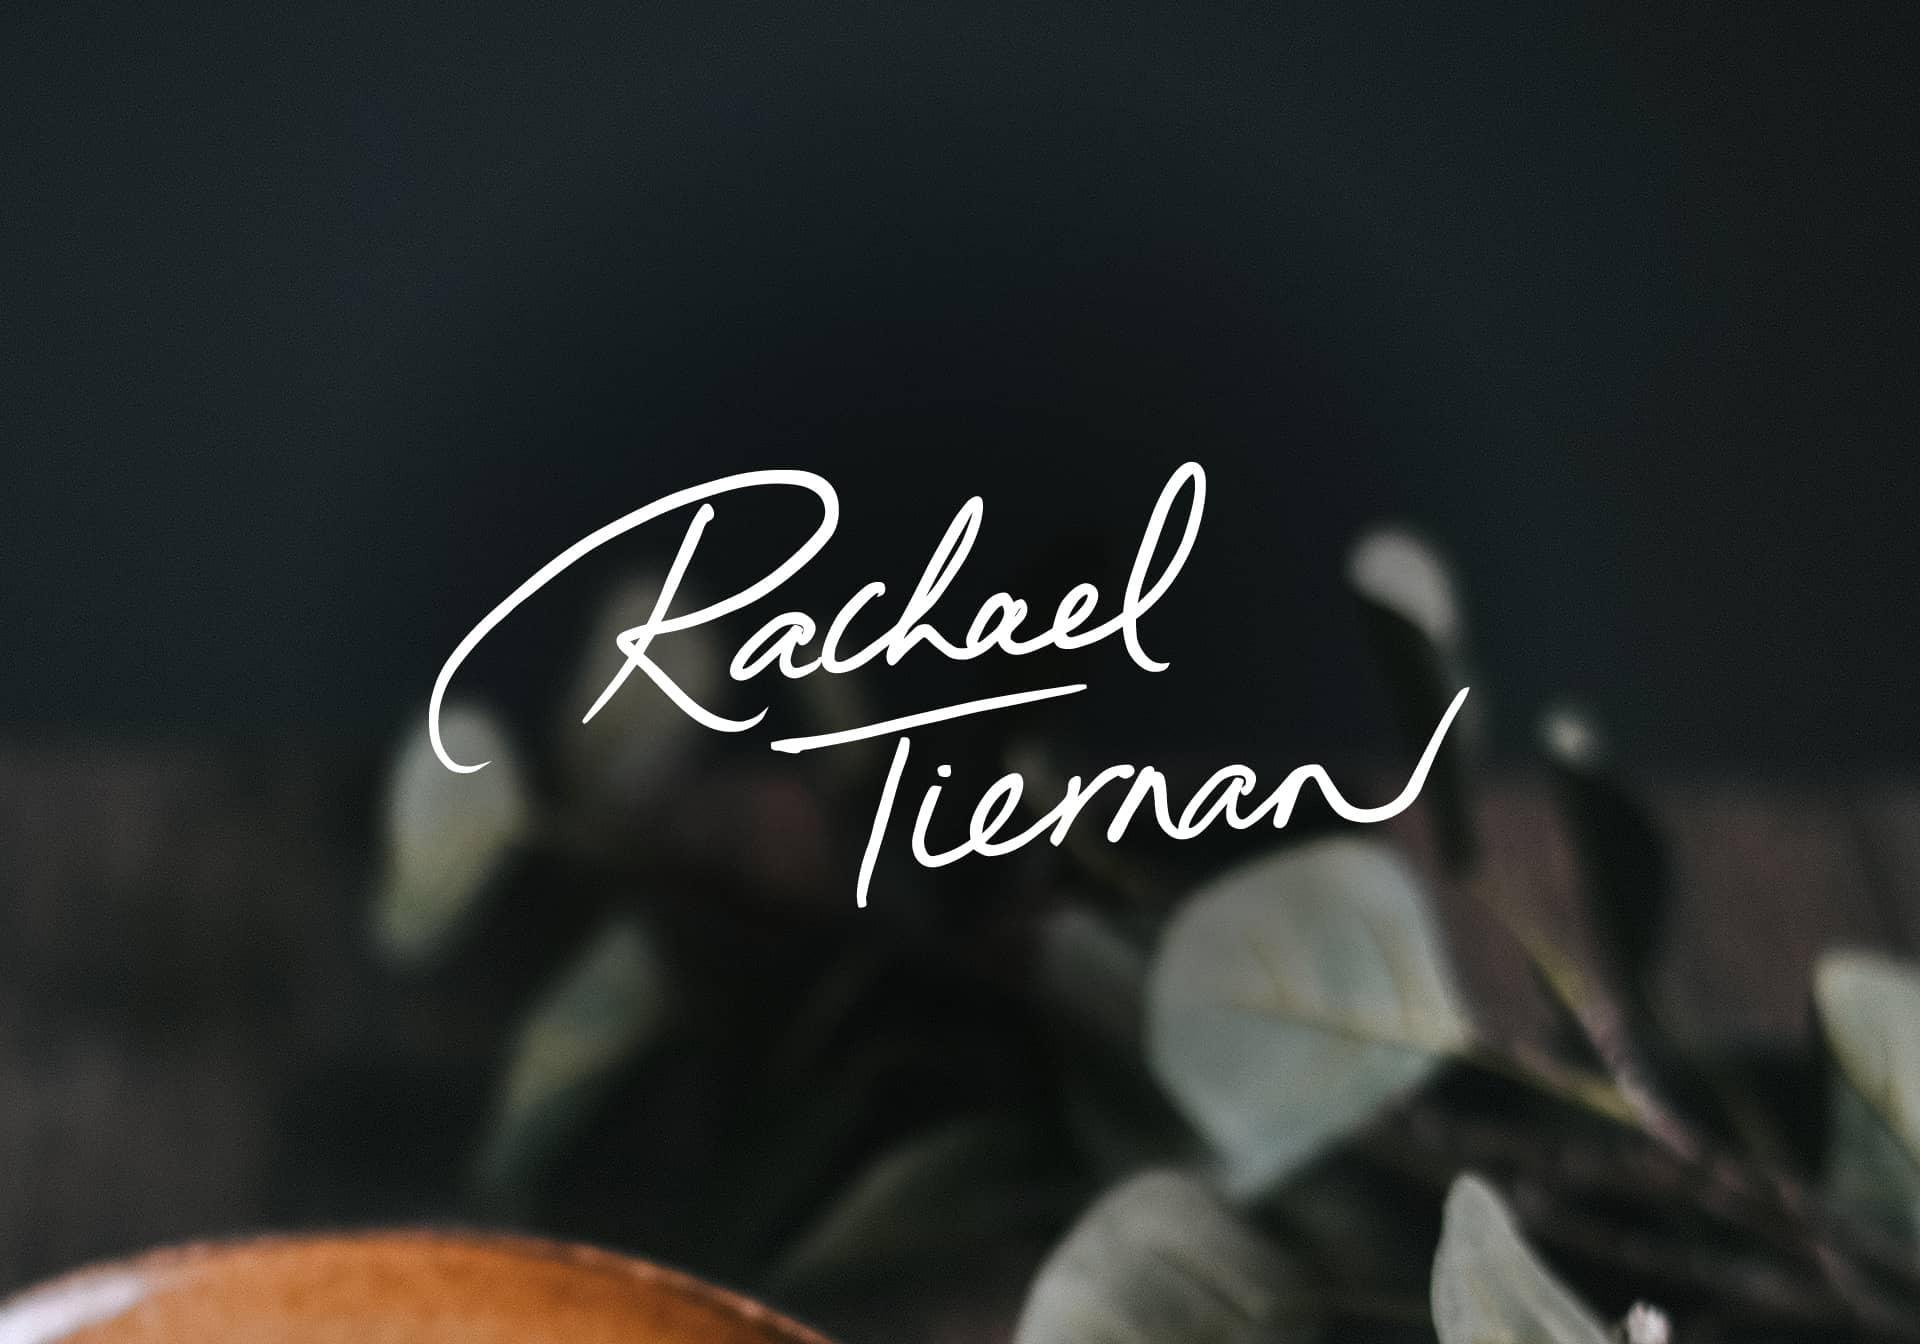 rachael tiernan logo example